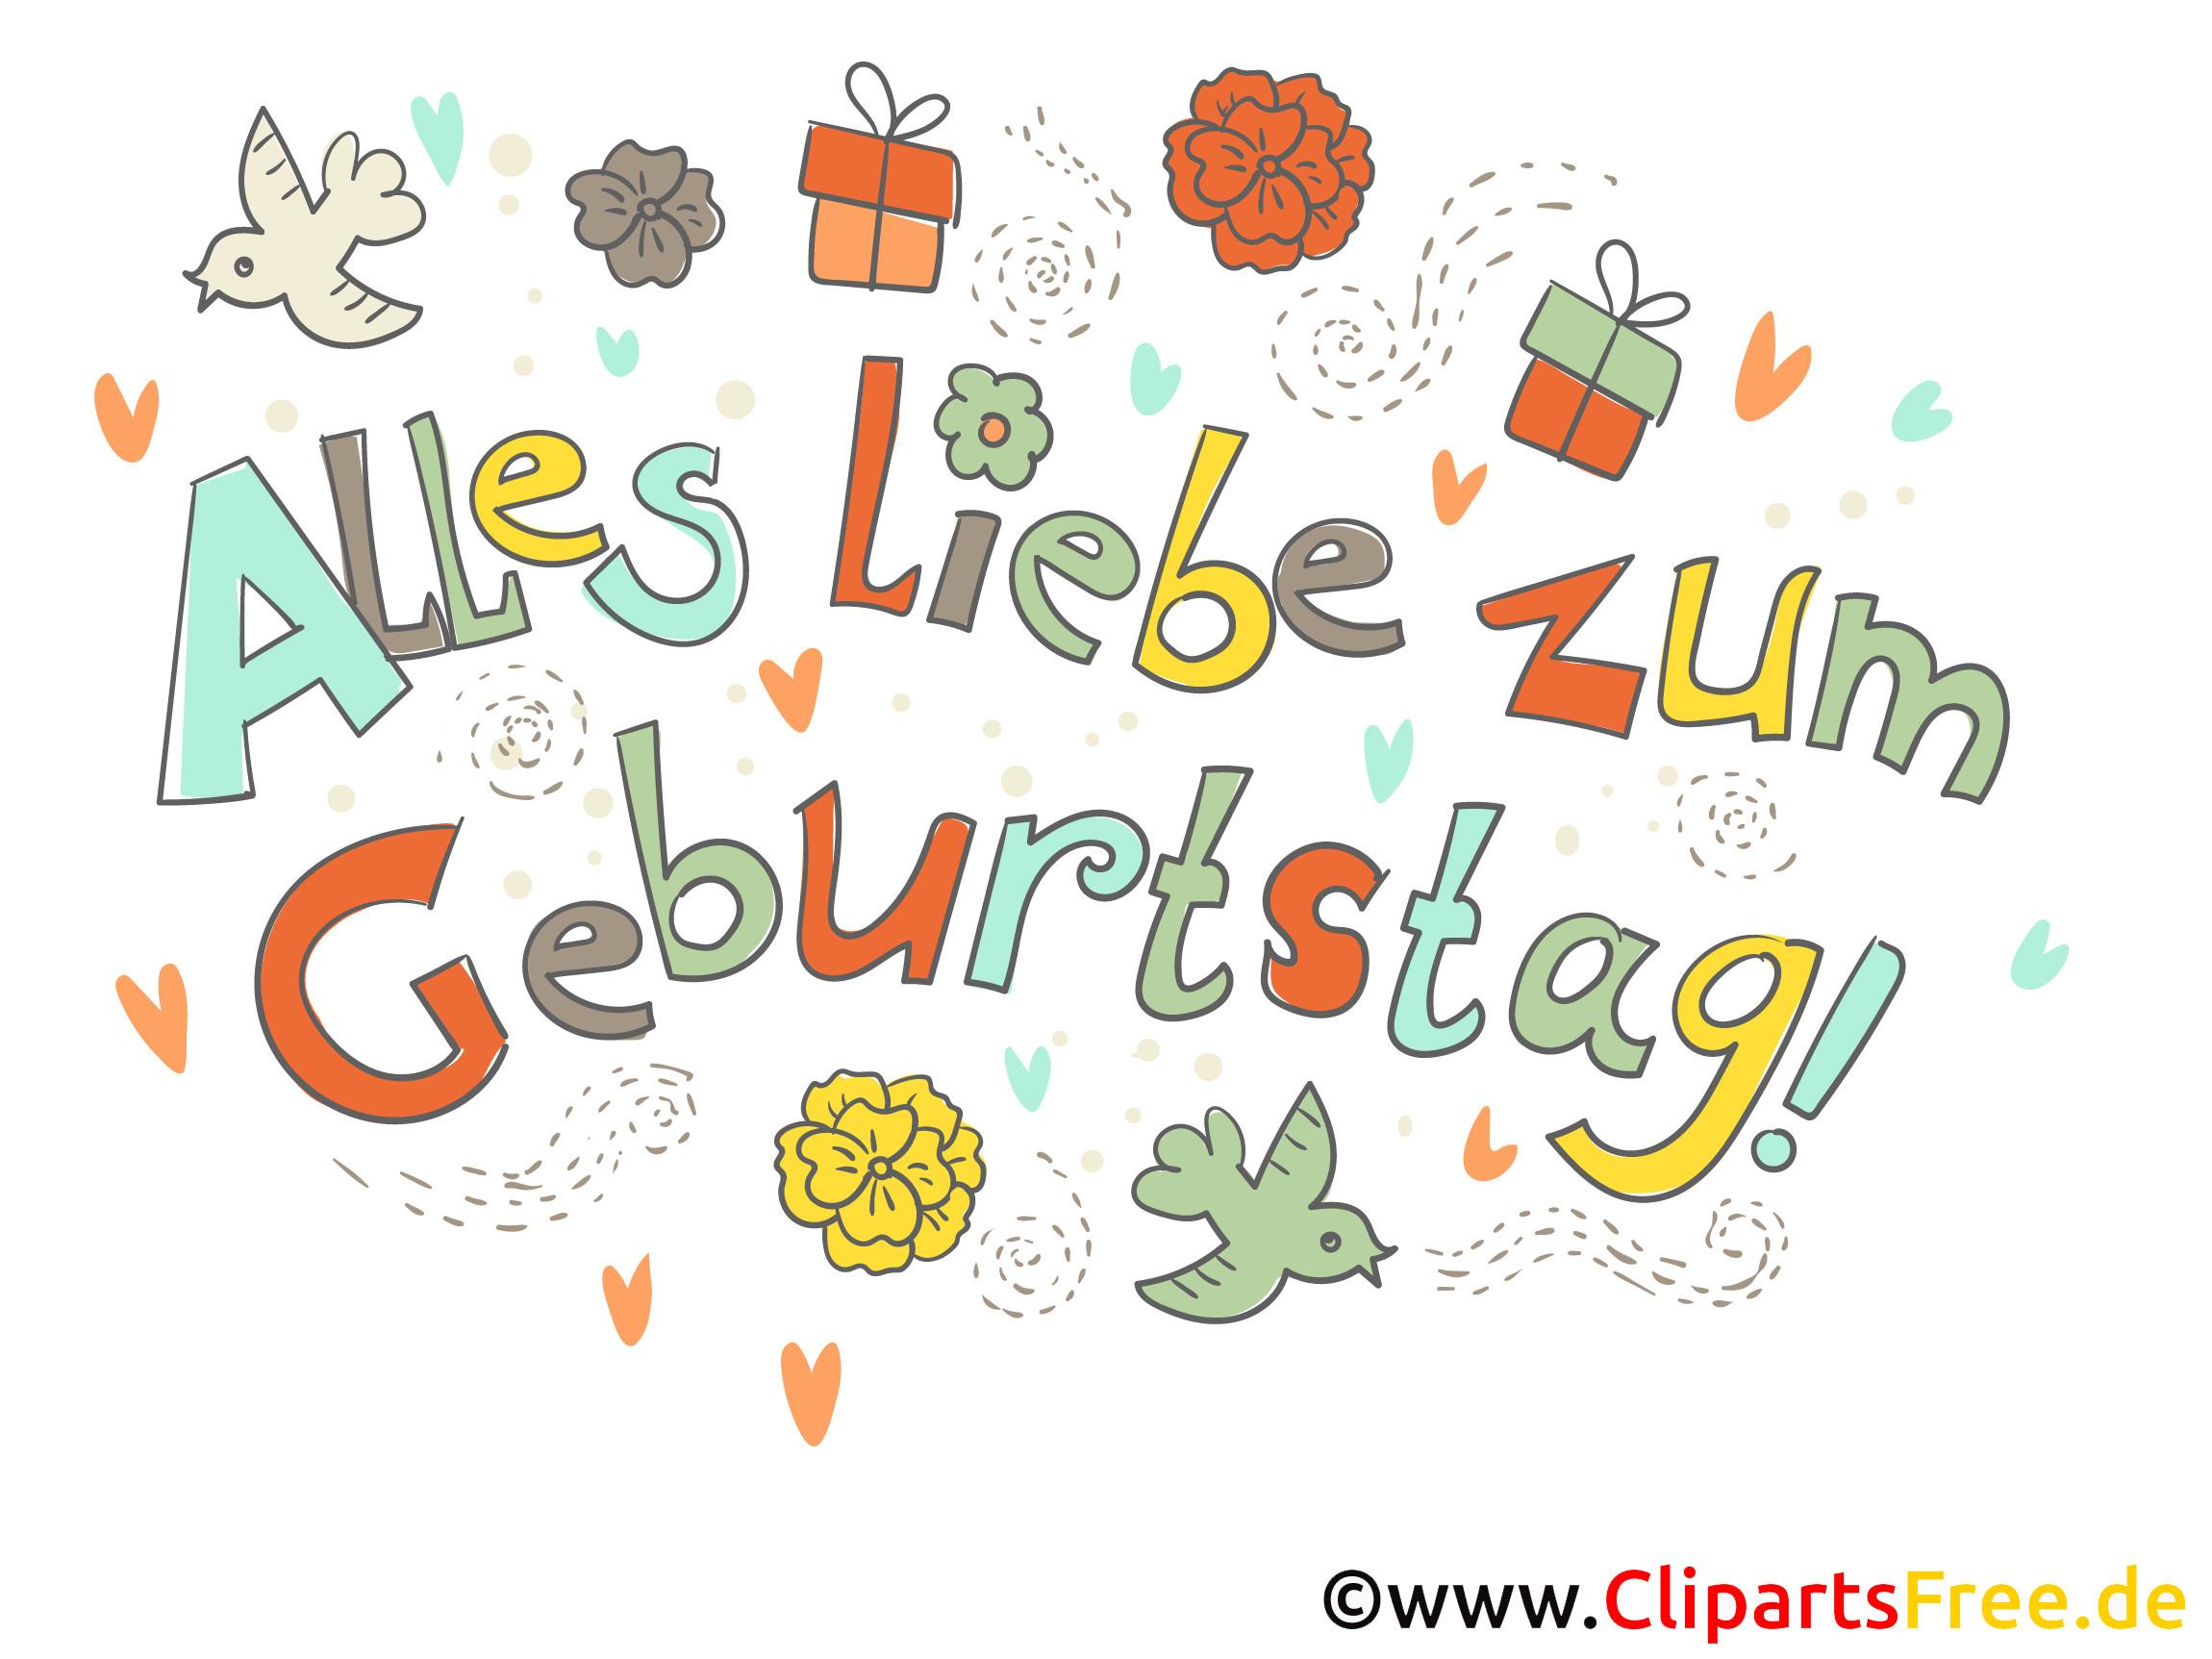 Bilder Geburtstagskarten  Geburtstagskarte Alles Gute zum Geburtstag kostenlos